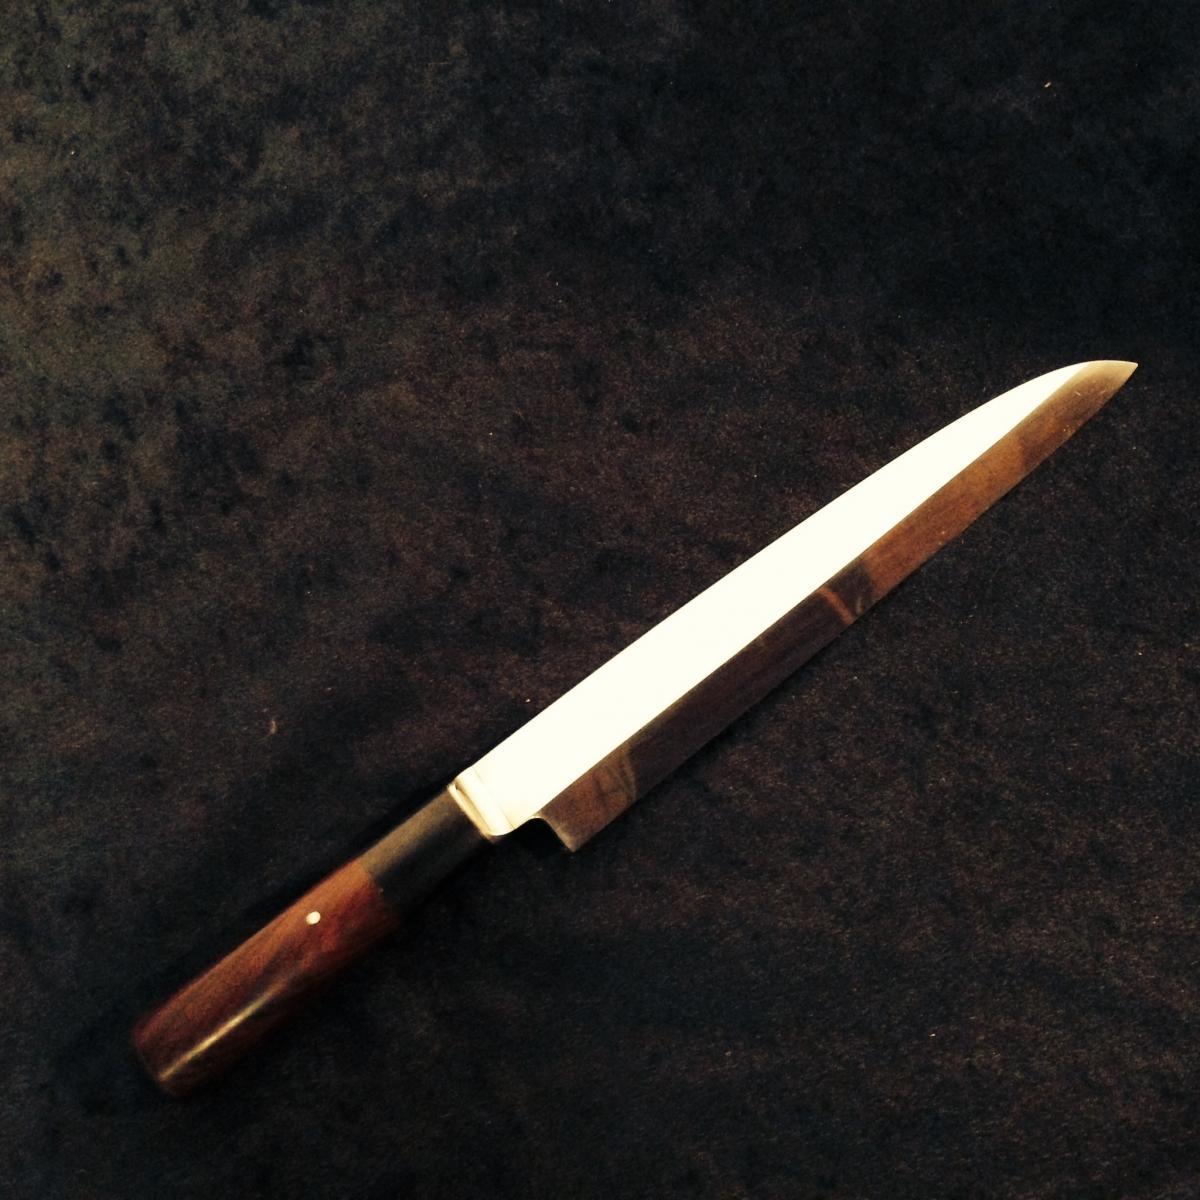 chef knife for sale 28 images japanese kitchen knives for sale 28 images sakai now on sale. Black Bedroom Furniture Sets. Home Design Ideas